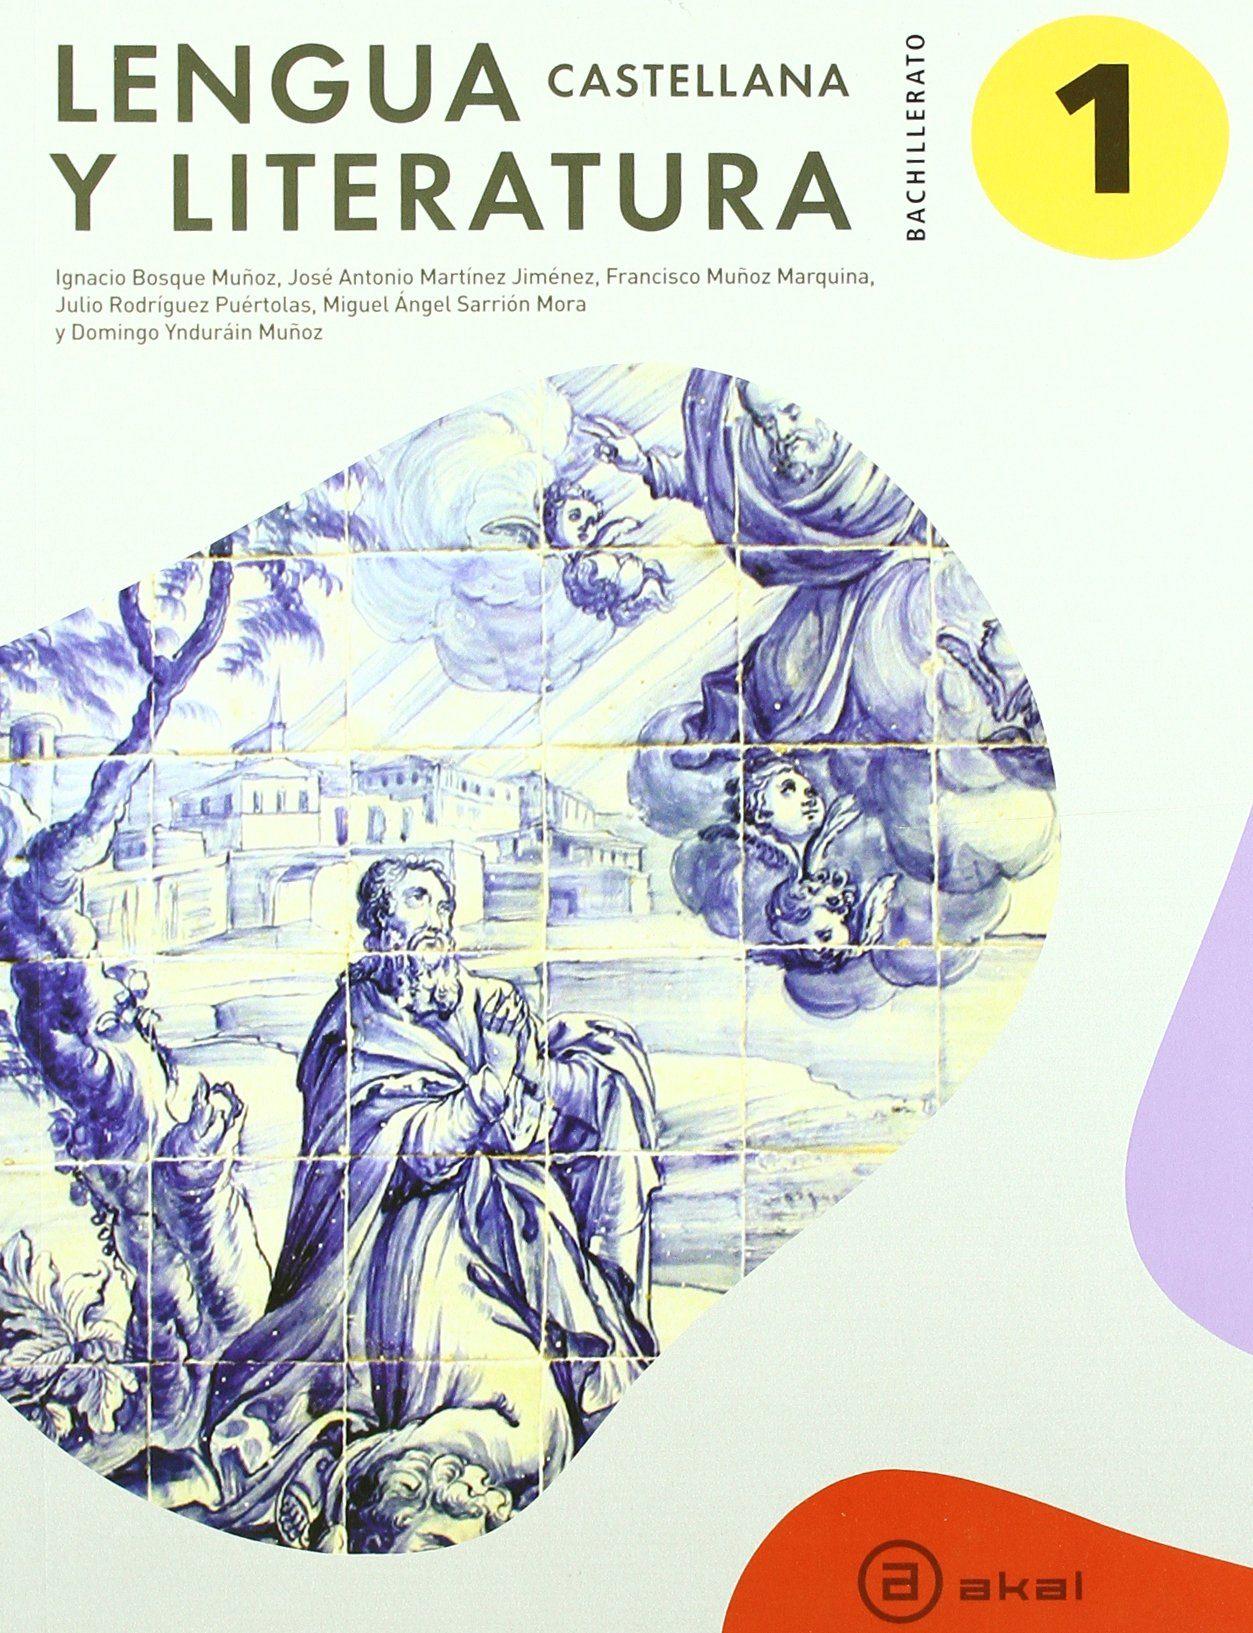 Lengua Castellana Y Literatura Xvii 11 1º Bachillerato - Vv.aa.